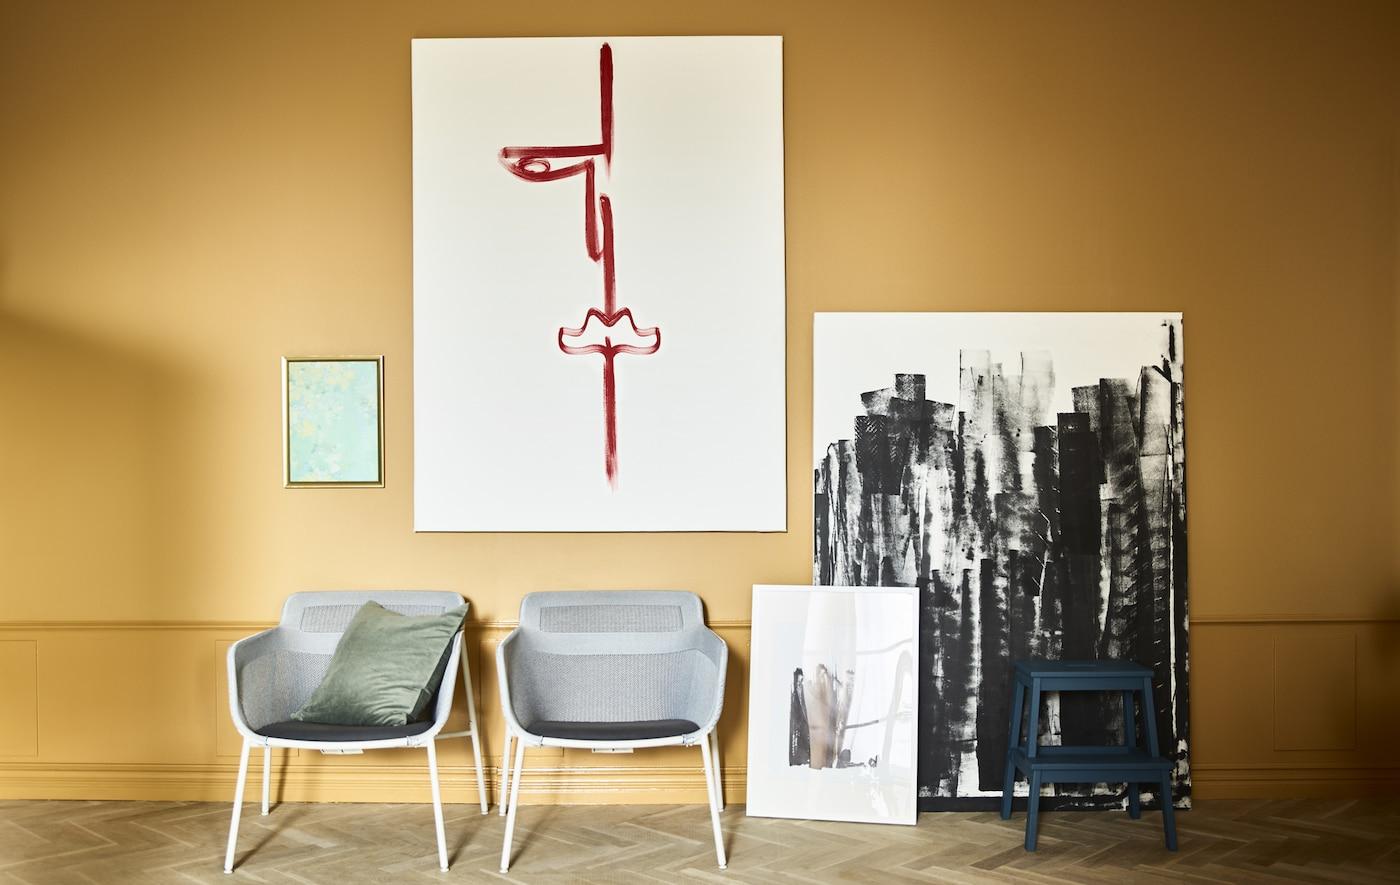 Selbstgemachte Bilder & zwei graue Hocker an einer ockerfarbenen Wand